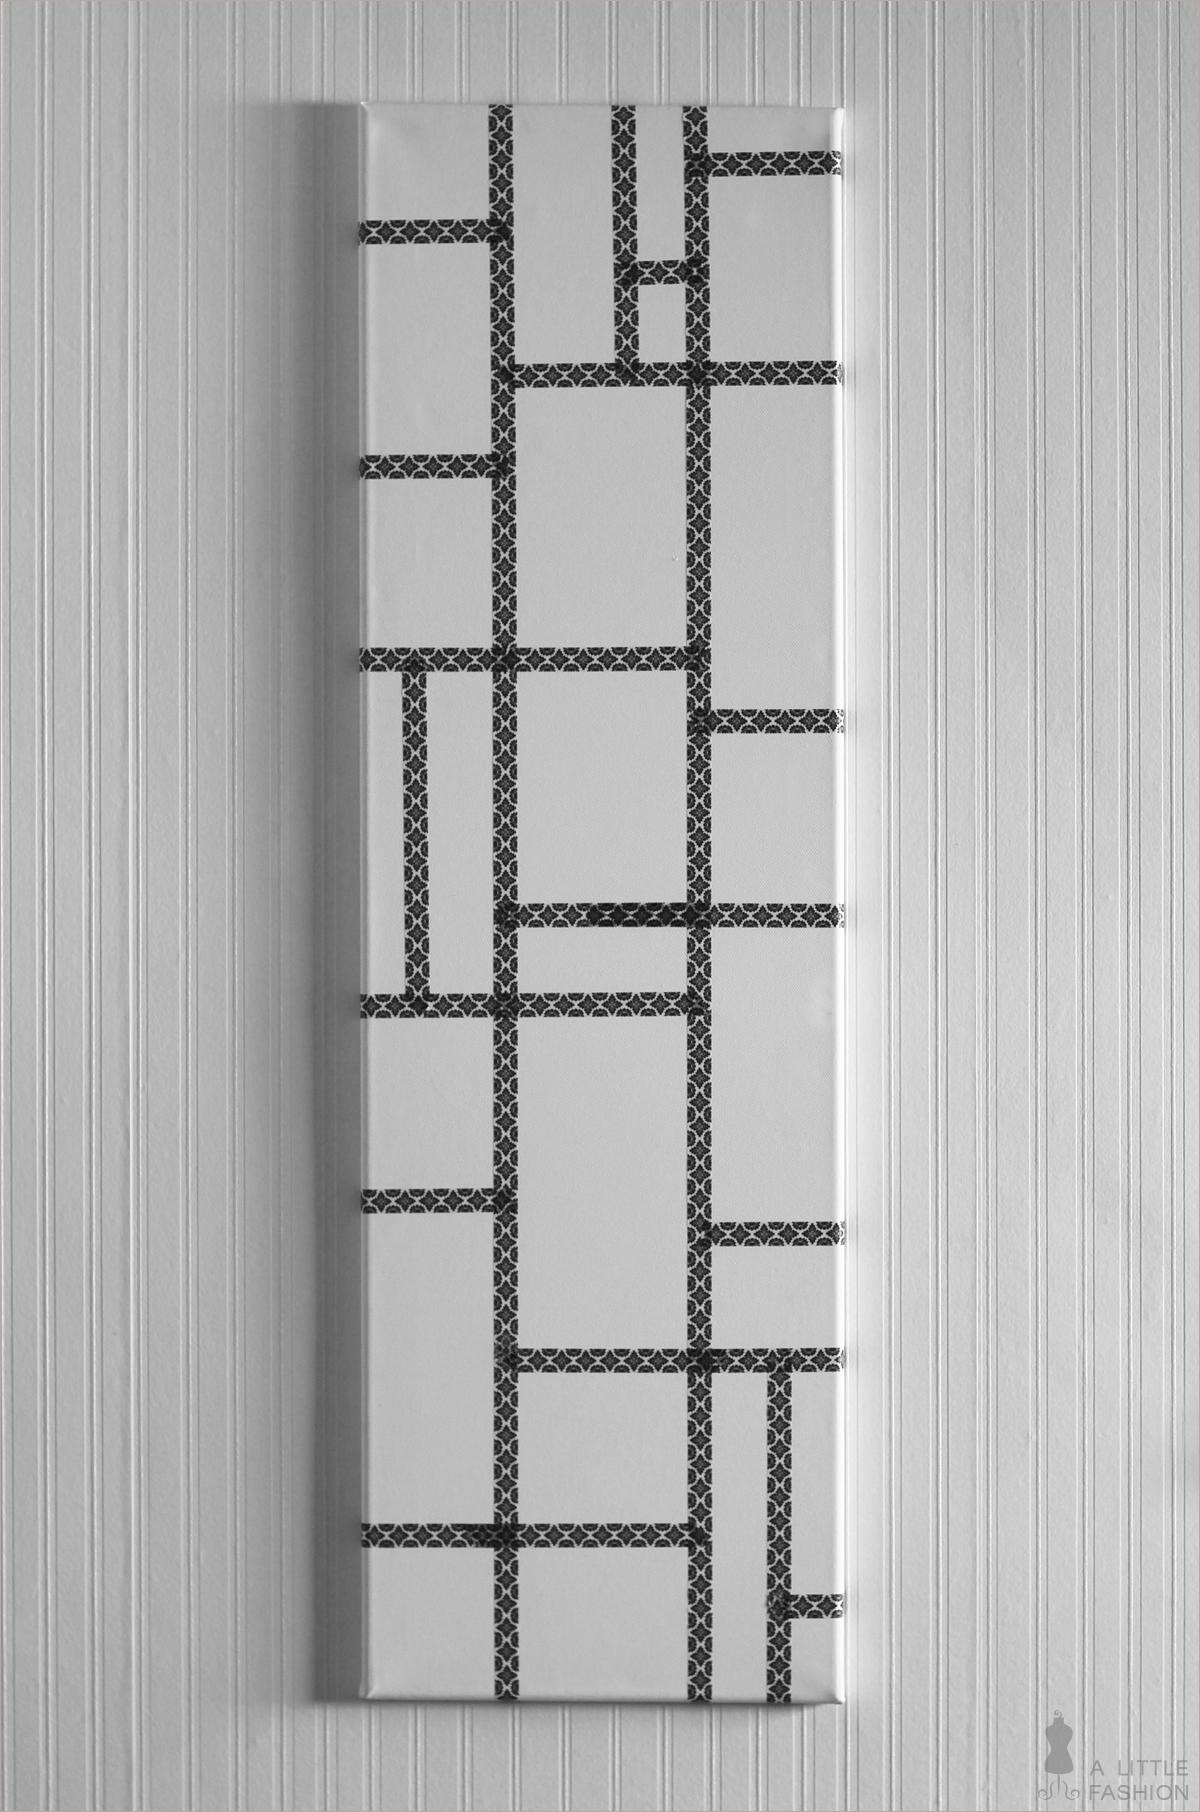 Die Quadratur der Kunst  - einfacher geht's nicht...